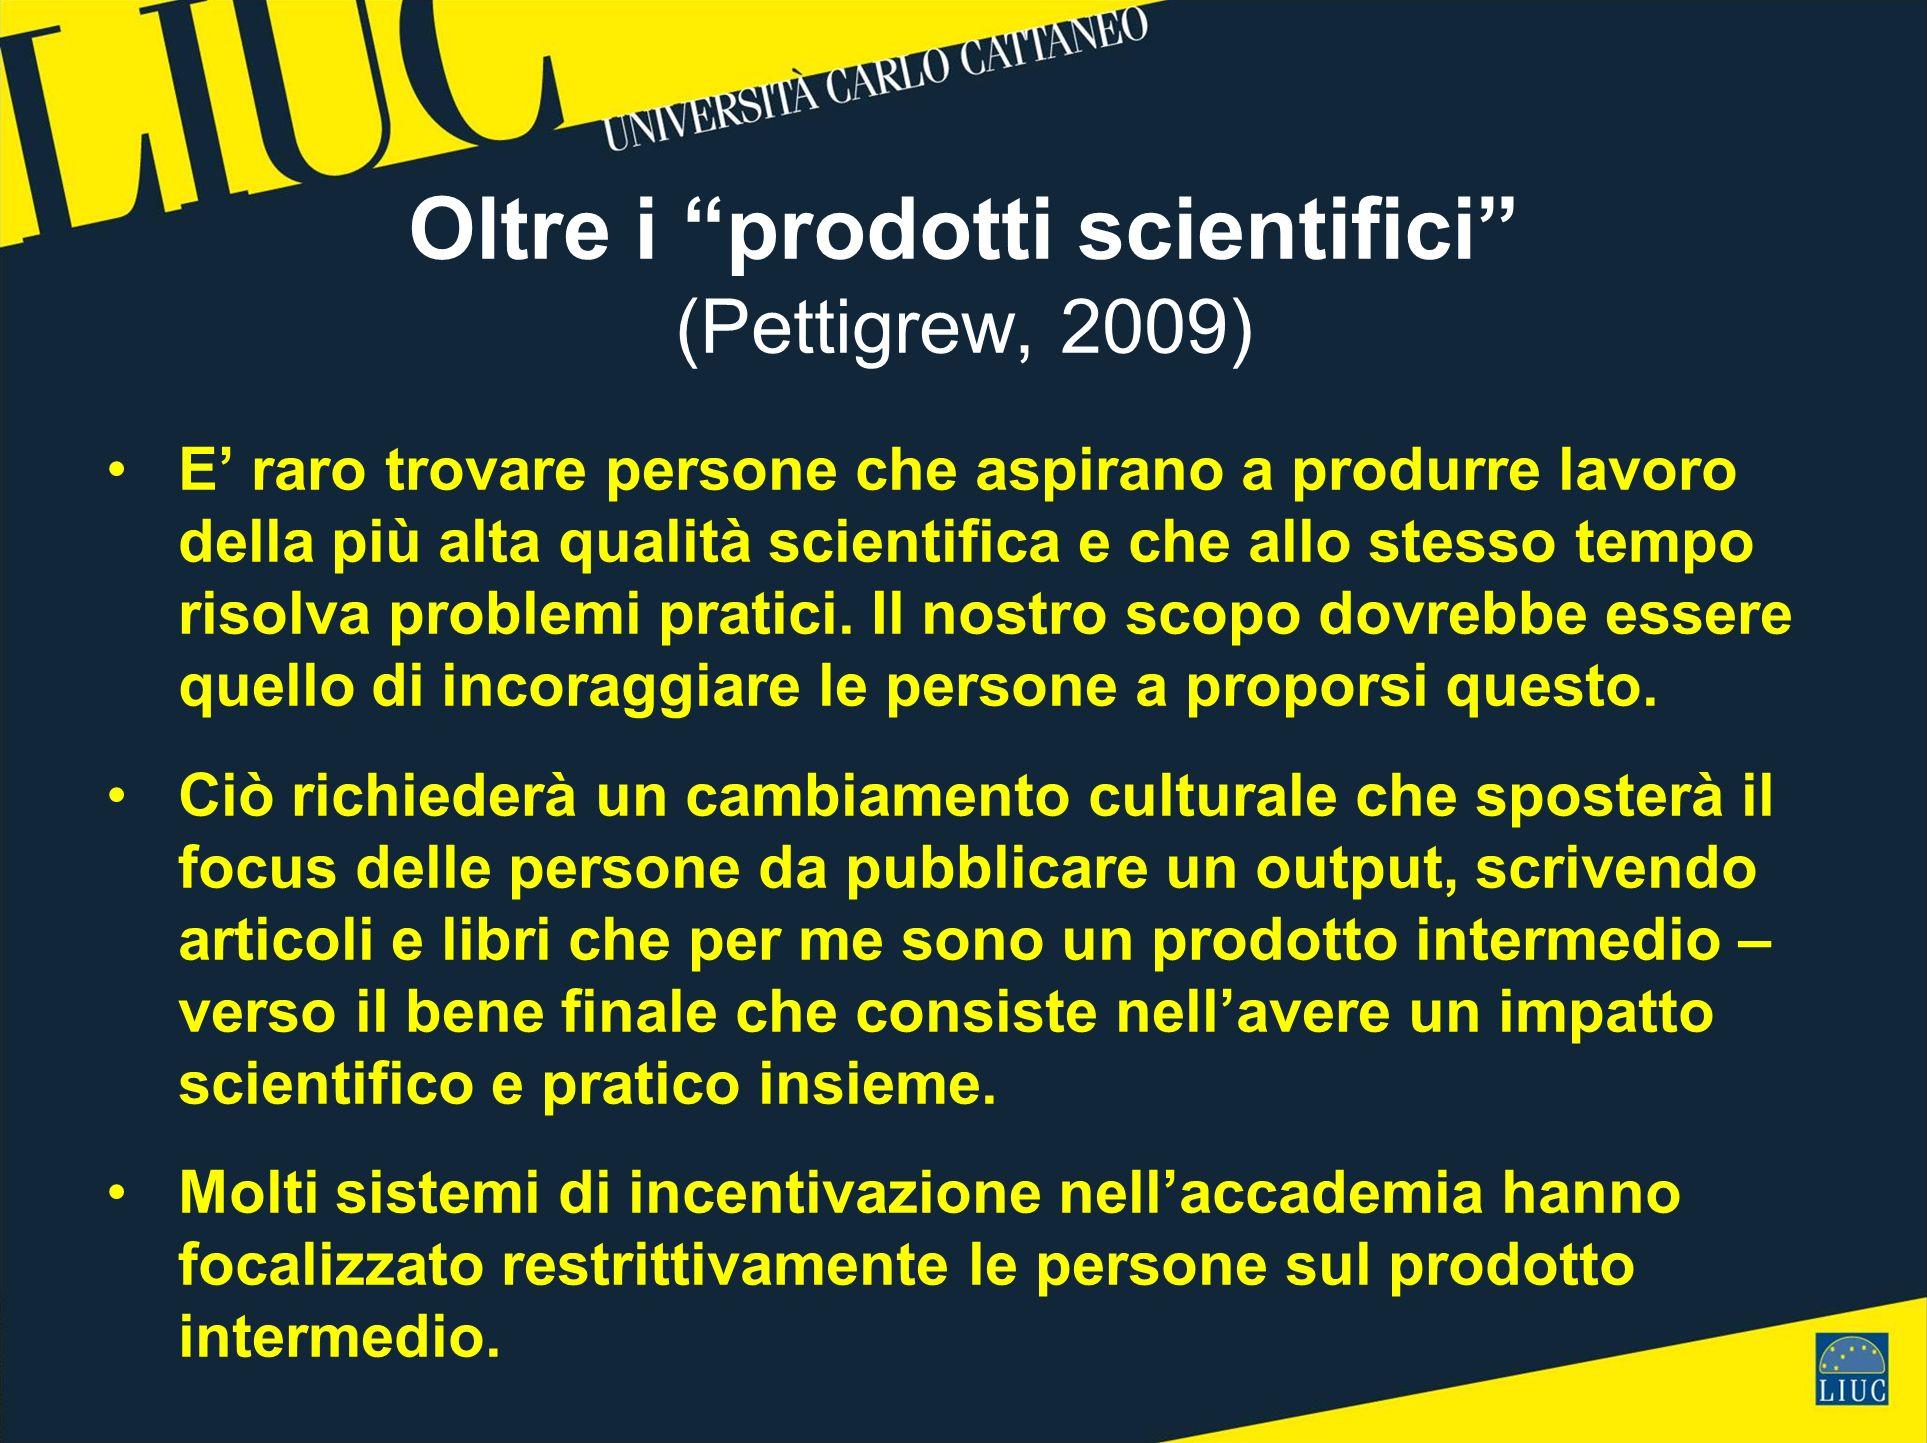 Oltre i prodotti scientifici (Pettigrew, 2009) E raro trovare persone che aspirano a produrre lavoro della più alta qualità scientifica e che allo stesso tempo risolva problemi pratici.